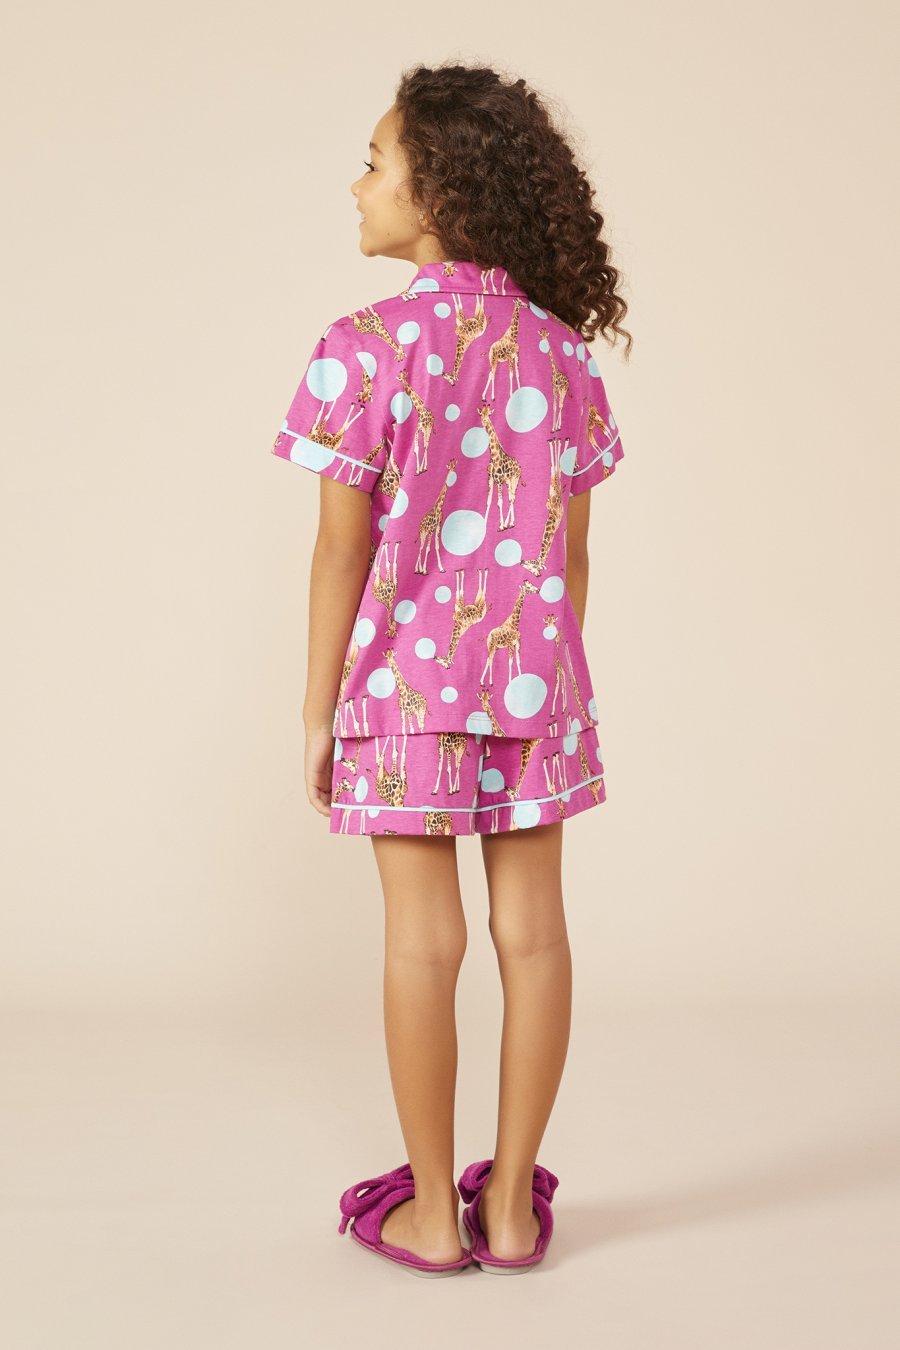 LANÇAMENTO Short Doll Infantil 100% Algodão Girafa Mundo dos Sonhos Primavera Verão 22 MDS